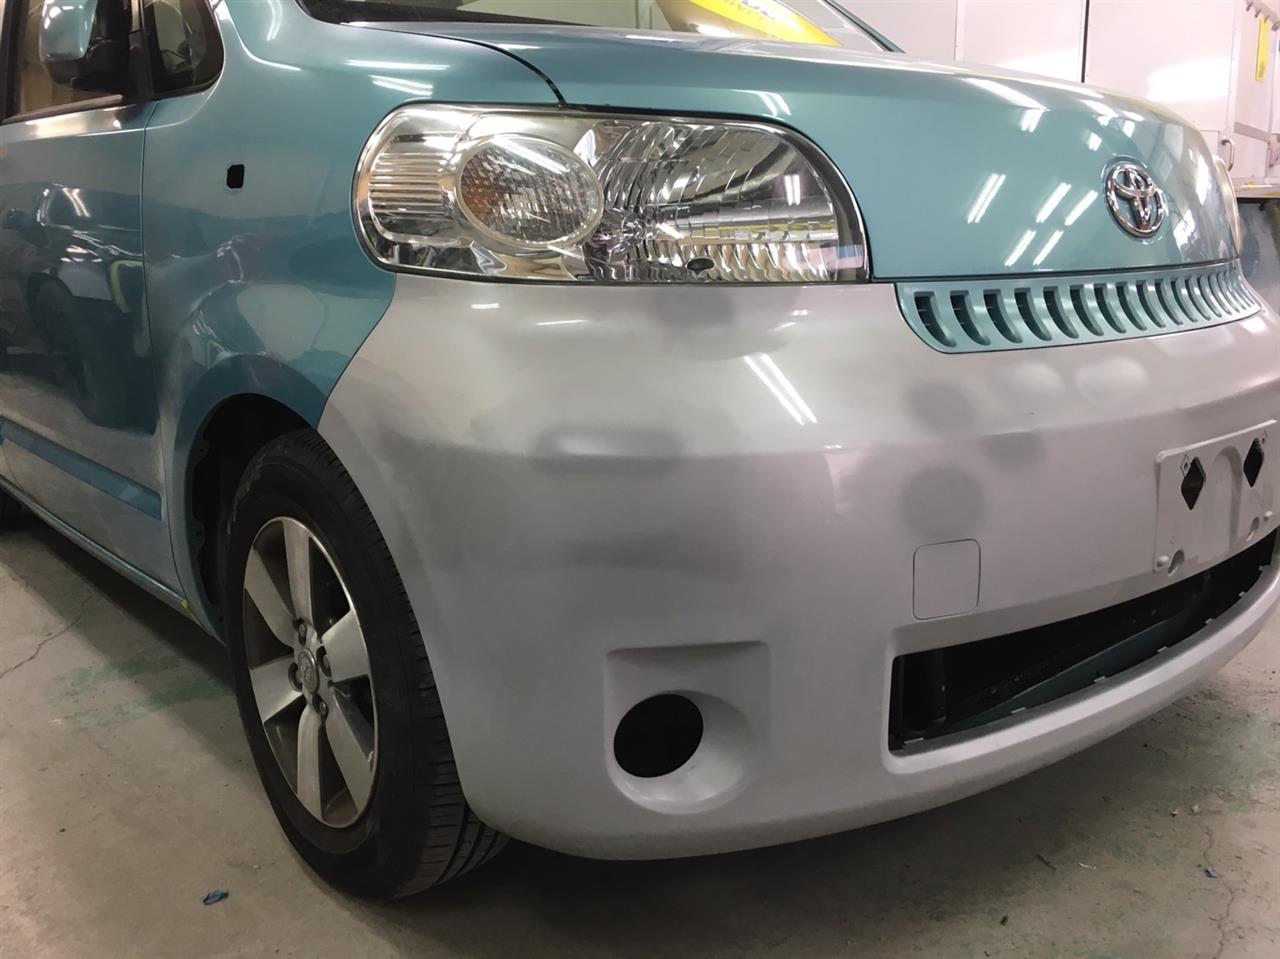 立川市の車の板金塗装修理工場 ガレージローライドのトヨタ ポルテの前まわりのキズ へこみ の板金 修理 塗装 です。